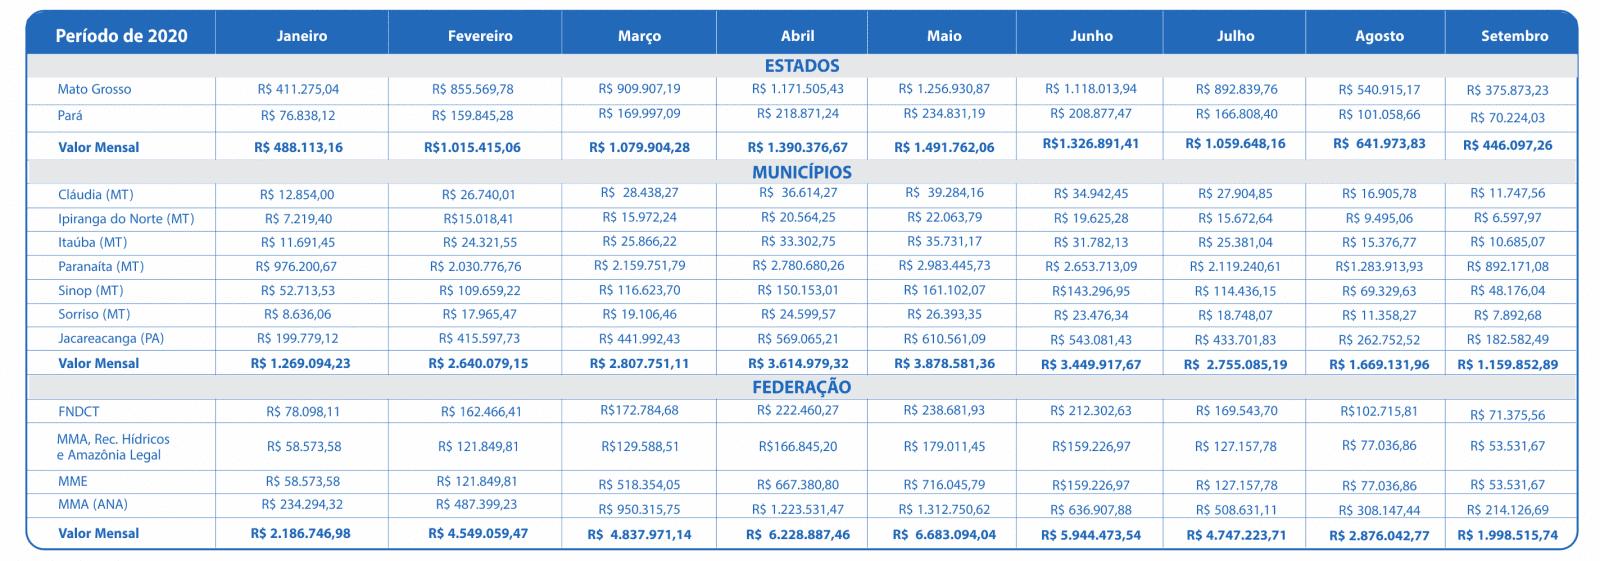 Setembro 2020 – Compensação Financeira UHE Teles Pires – Jacareacanga/PA e Paranaíta/MT